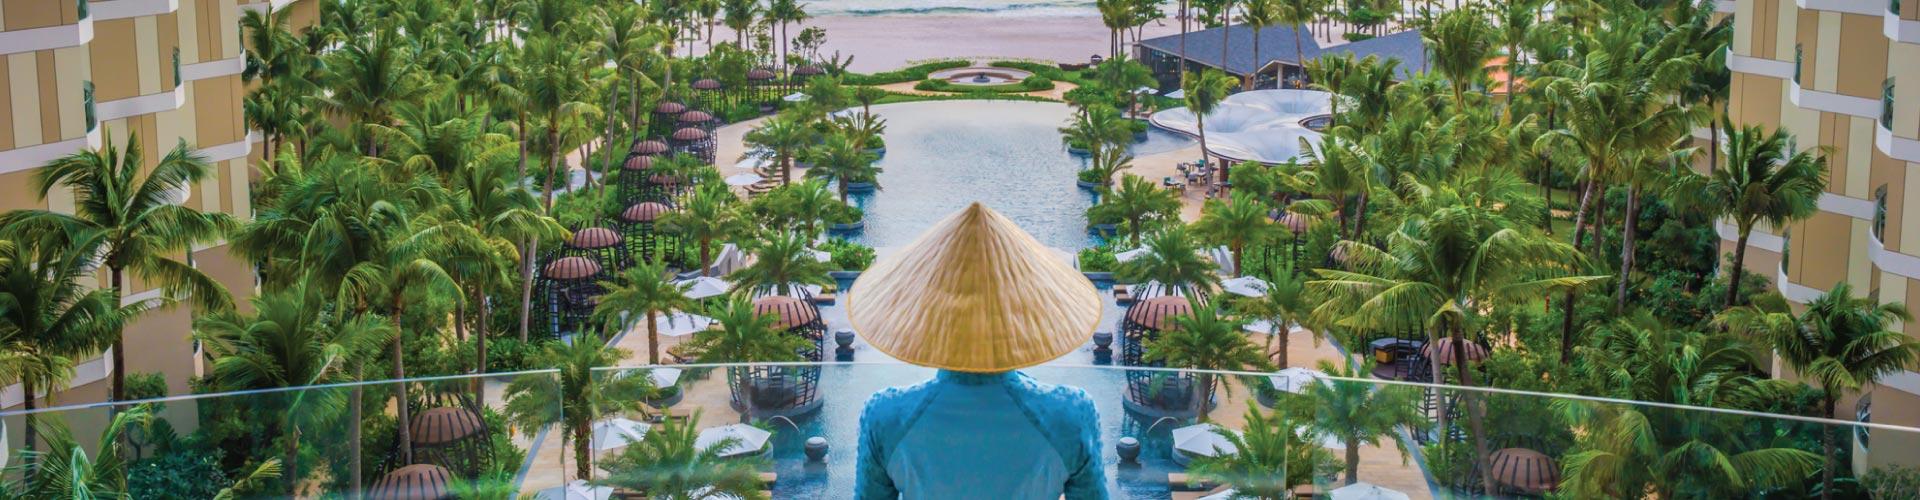 Hanoi & Ha Long Bay Day Cruise + Ninh Binh